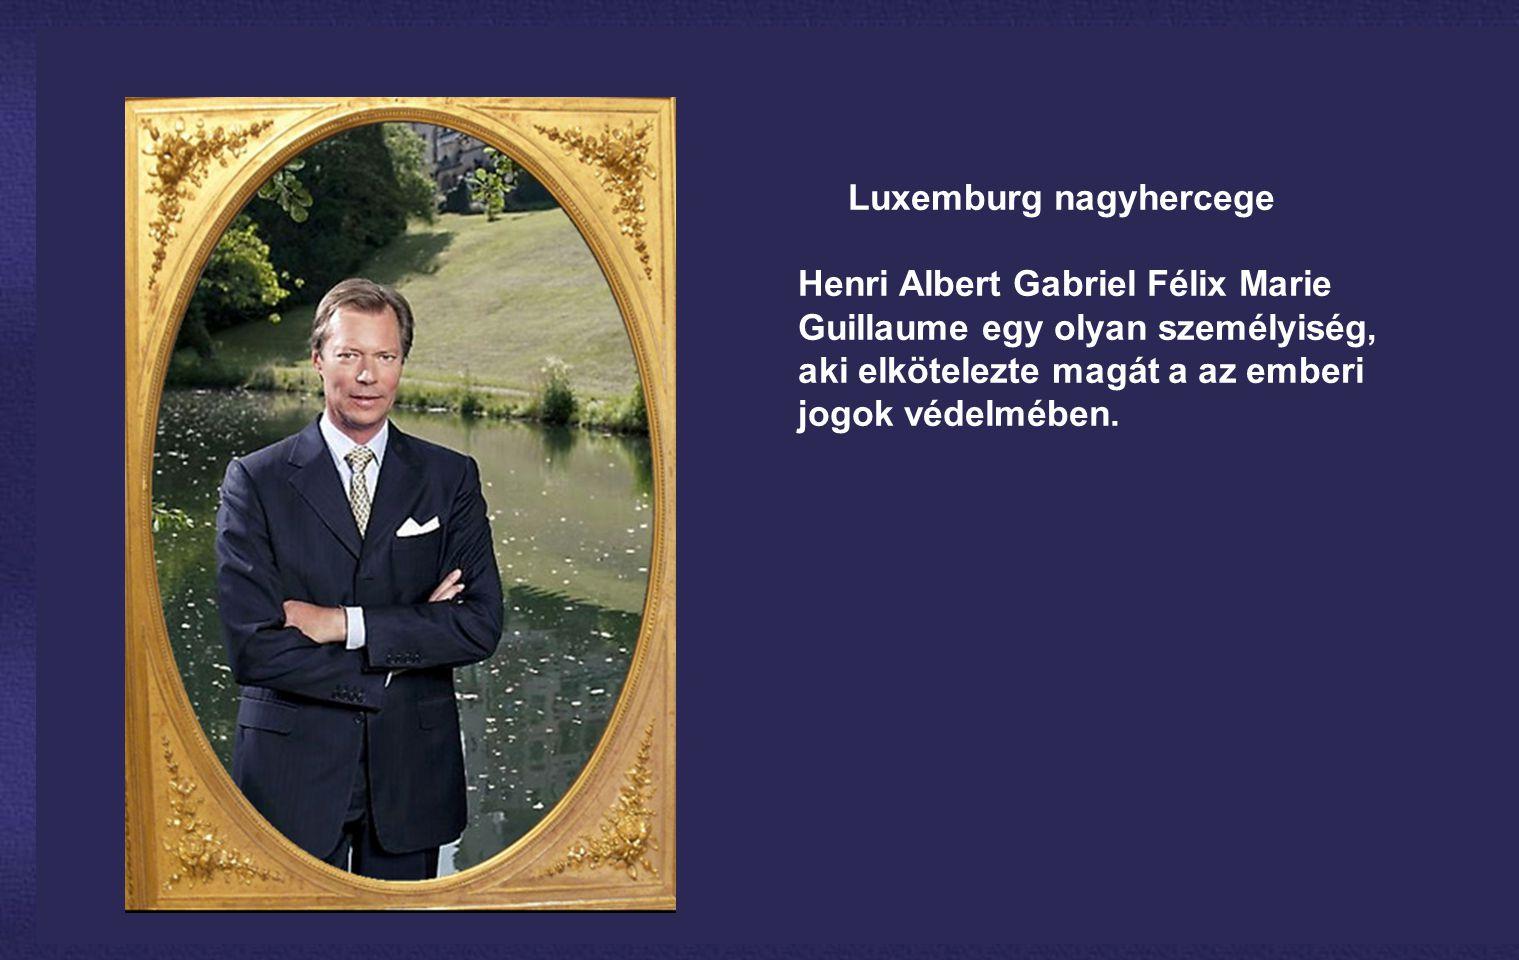 Luxemburg nagyhercege